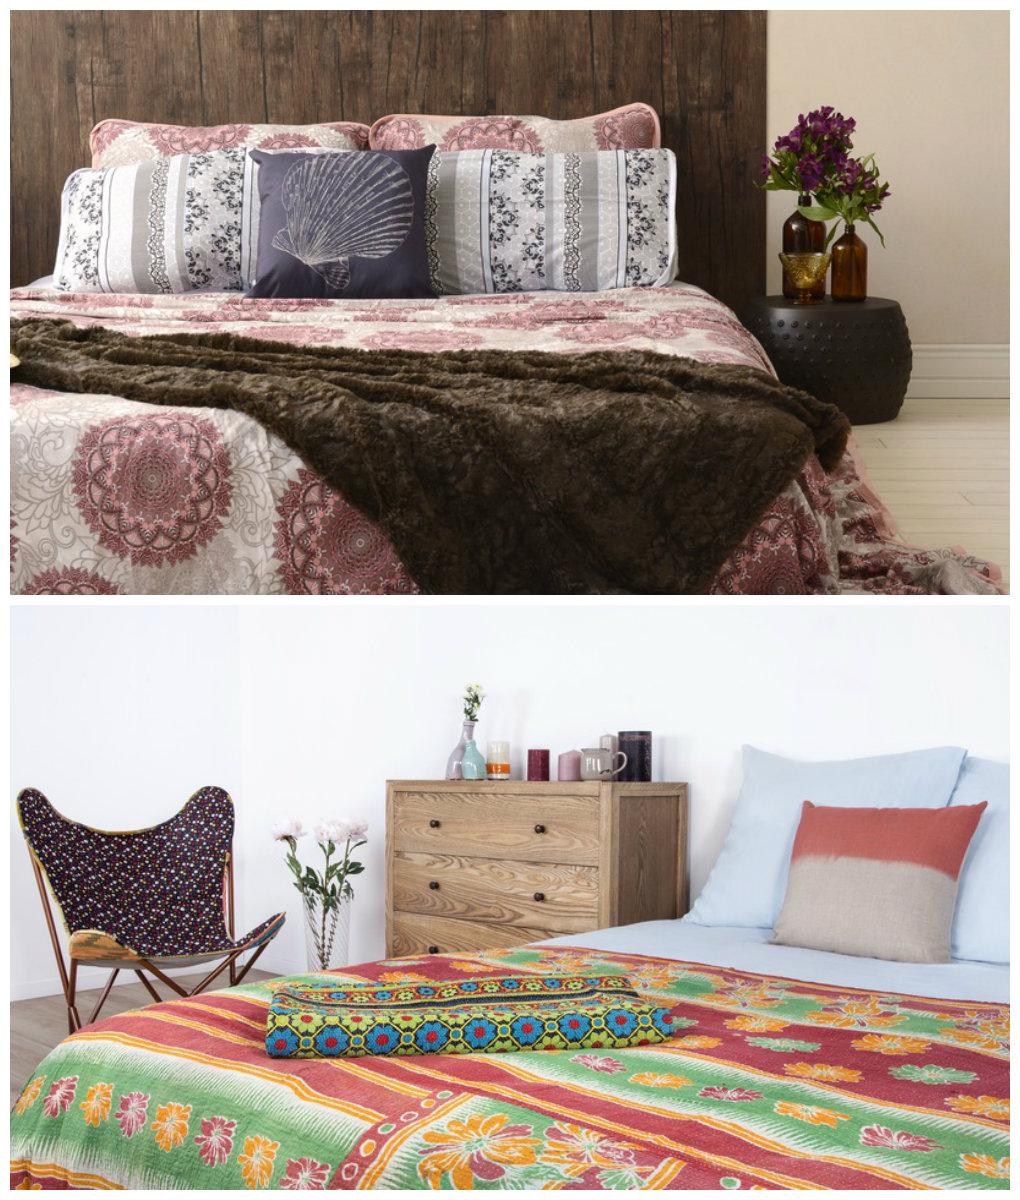 Dise o de dormitorios tendencias e inspiraci n westwing for Diseno dormitorio